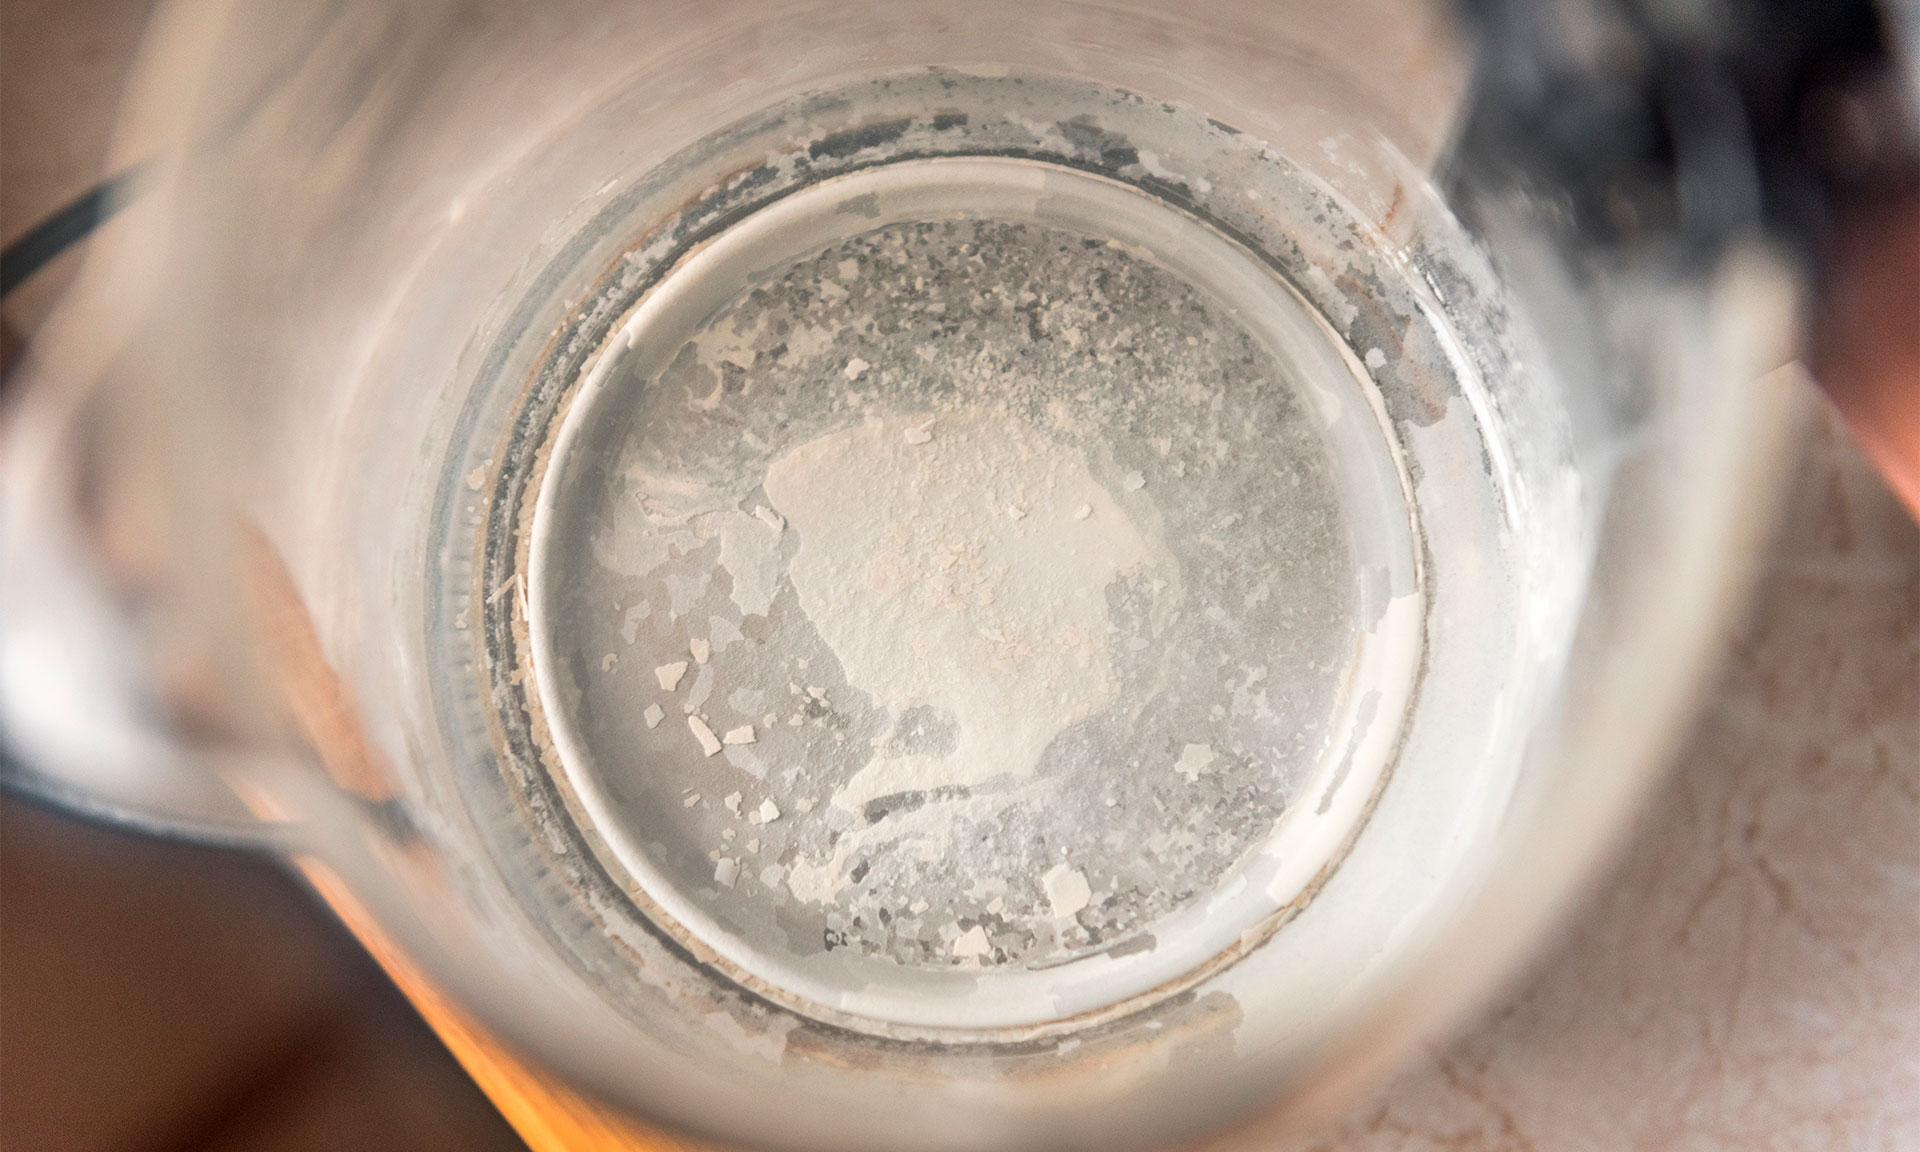 Limescale inside a kettle